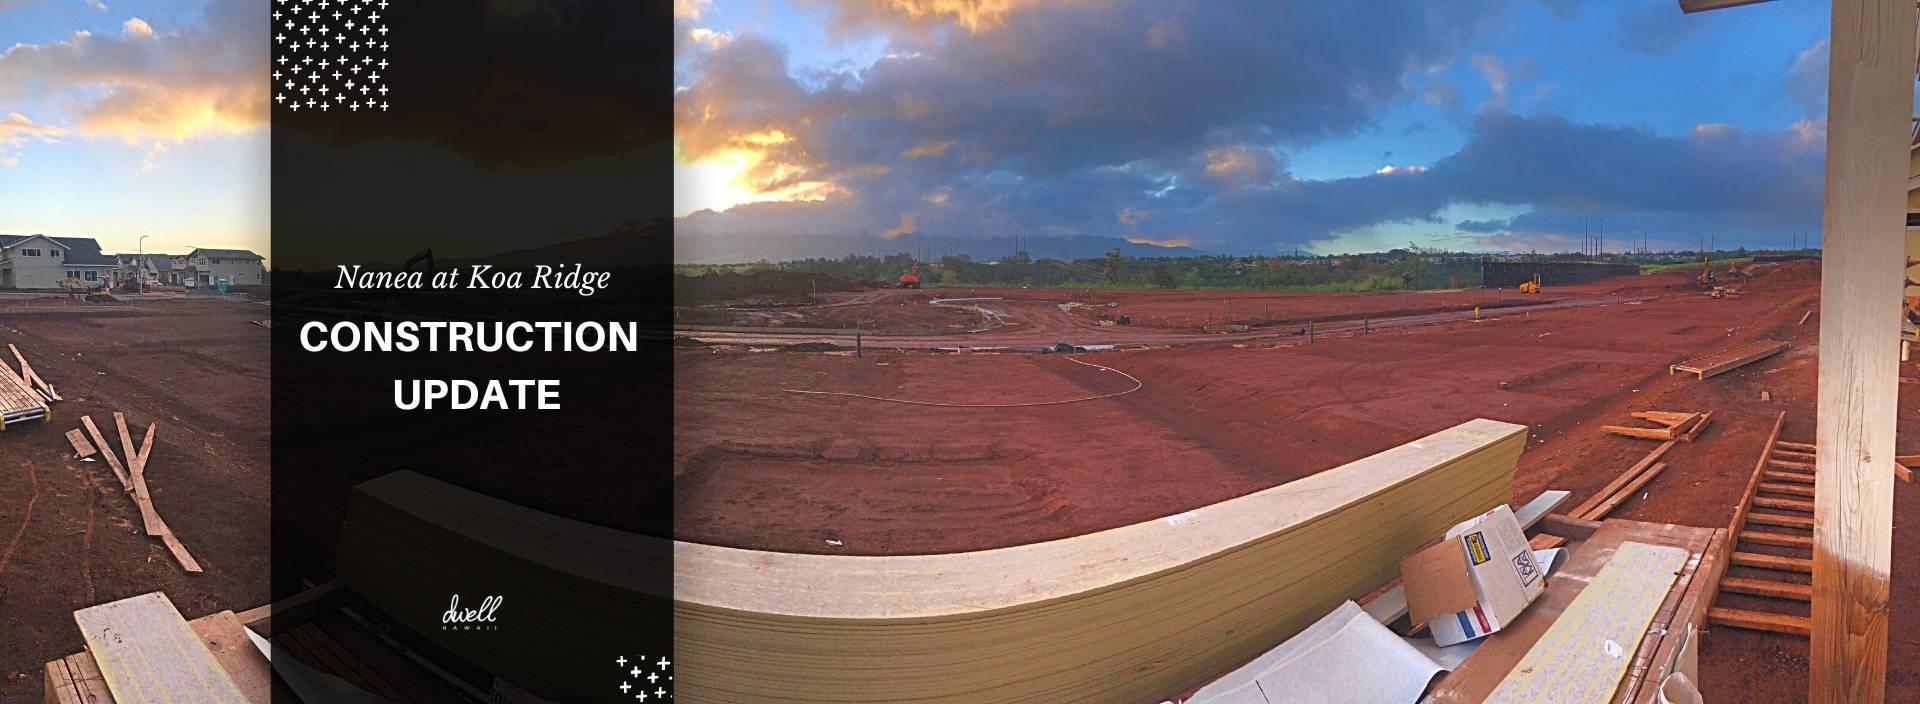 nanea at koa ridge construction update